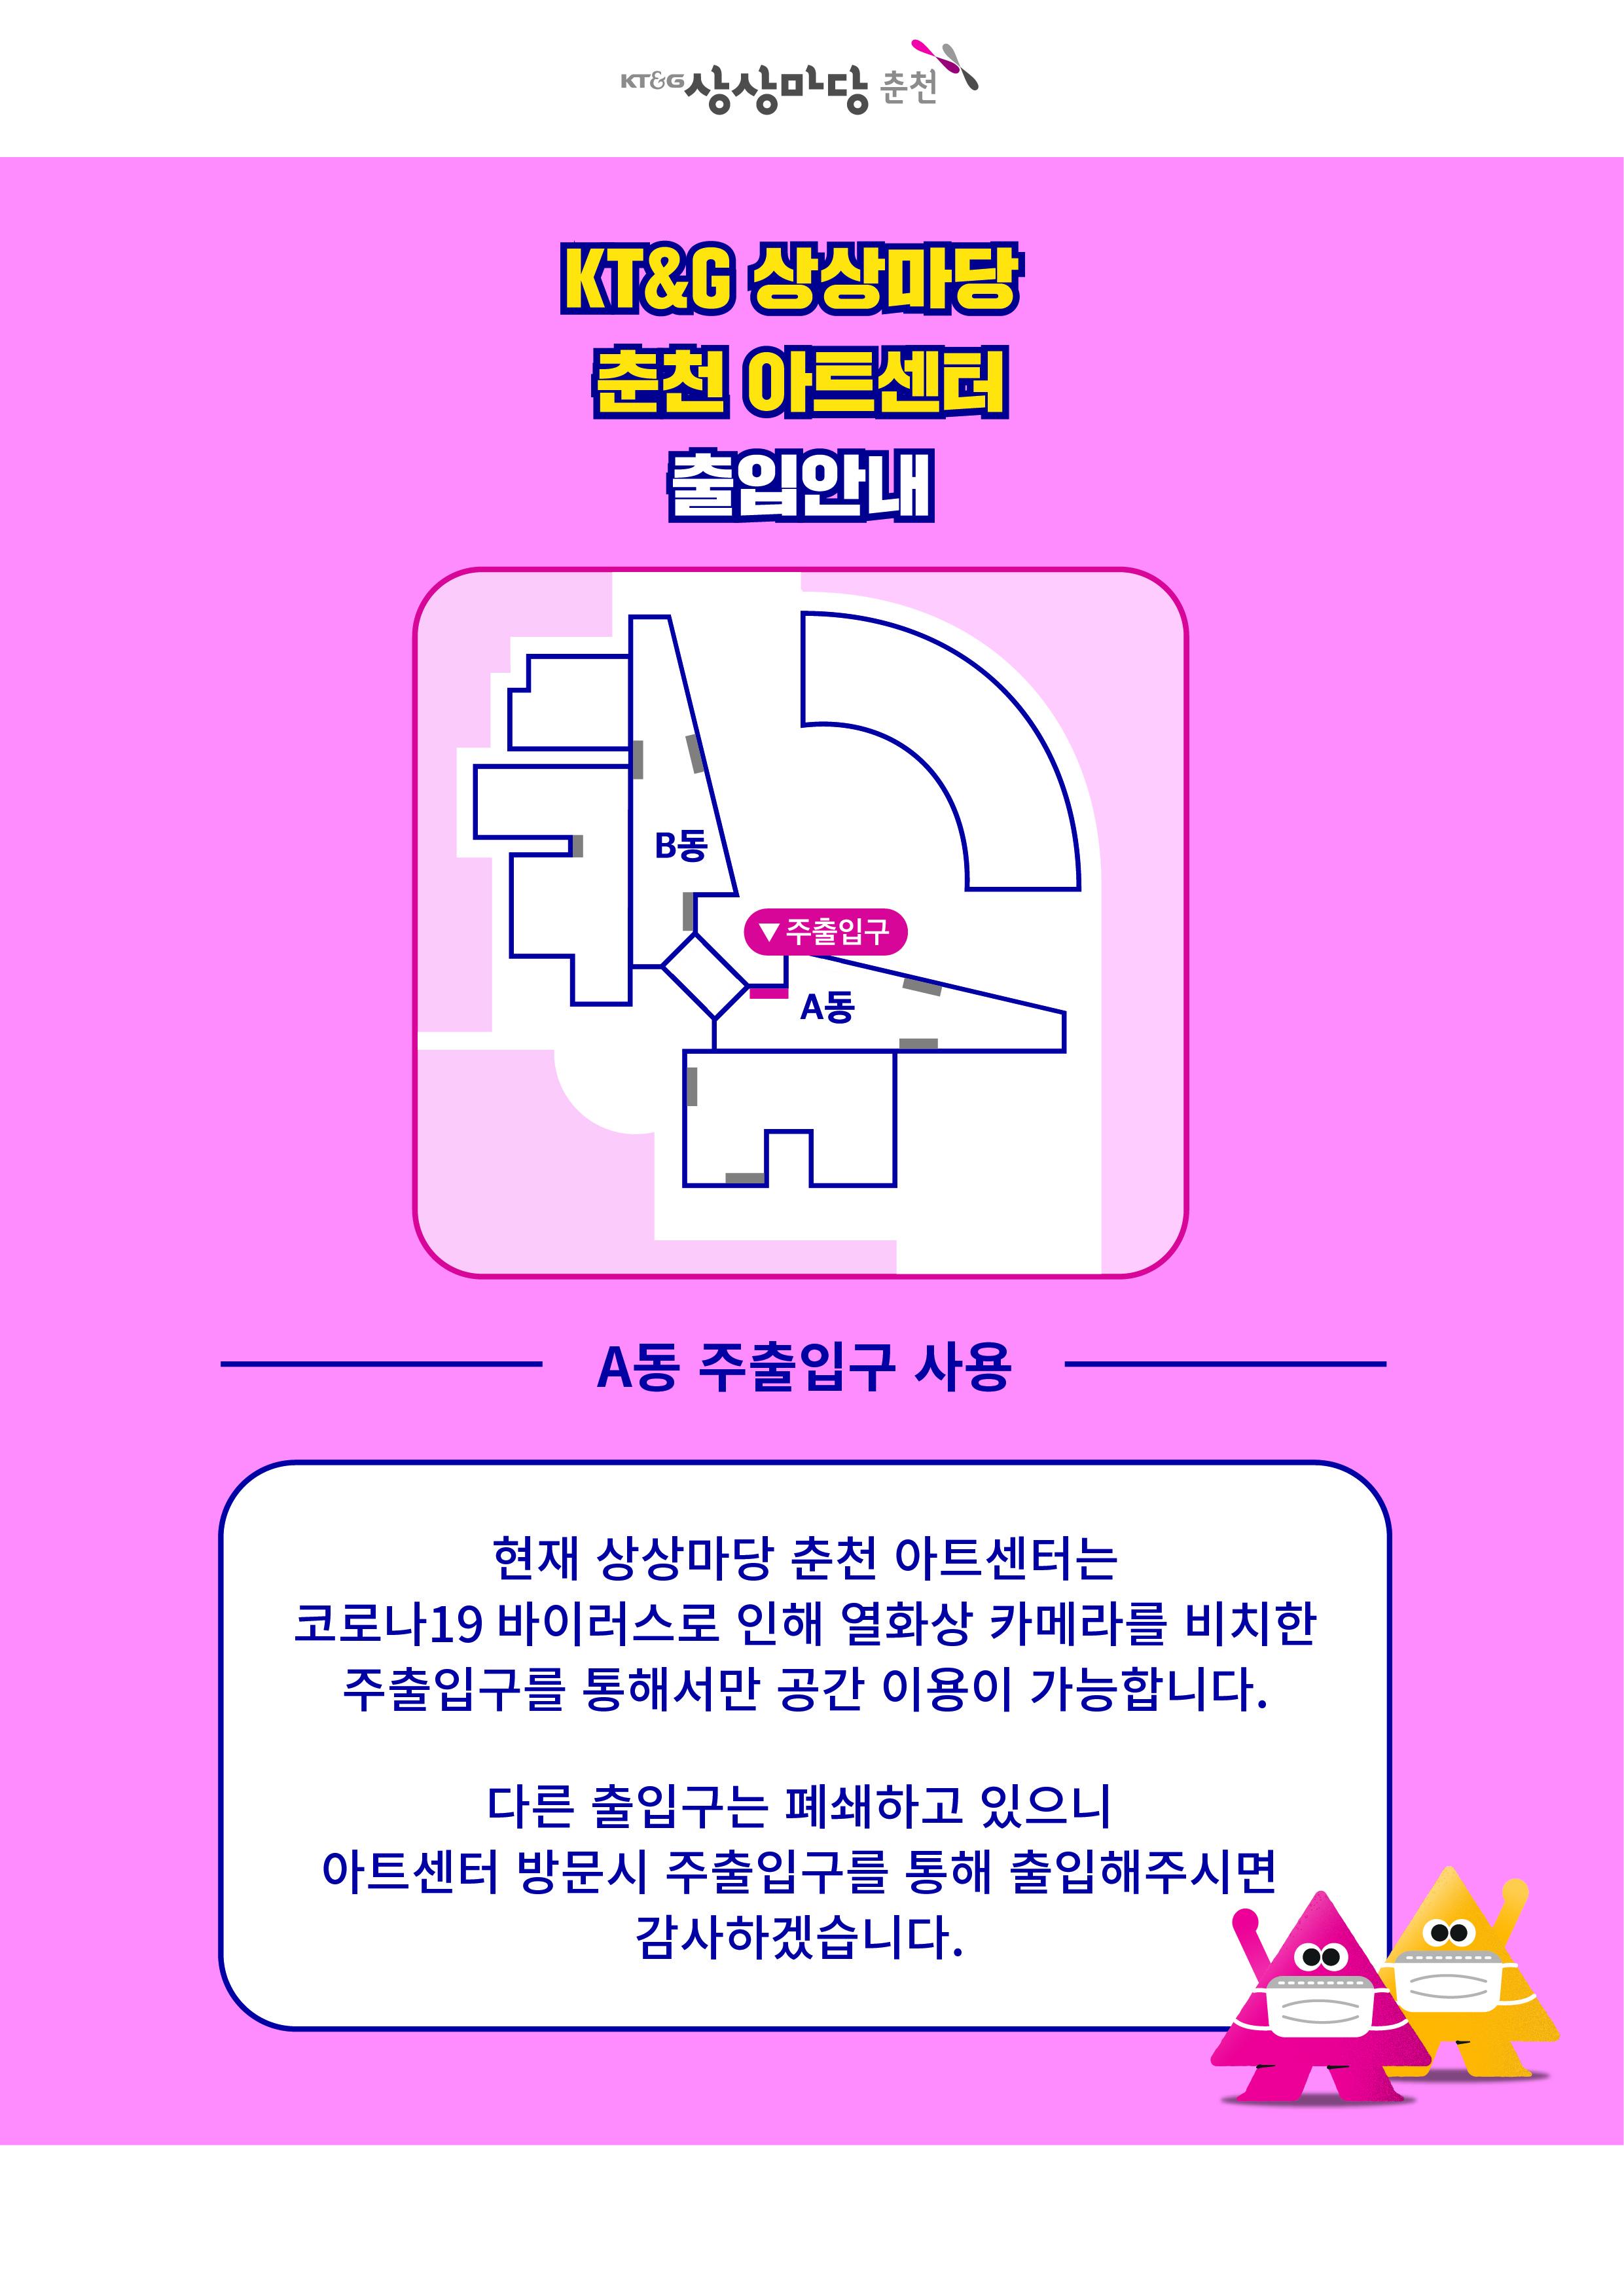 [안내] KT&G 상상마당 춘천 아트센터 출입안내